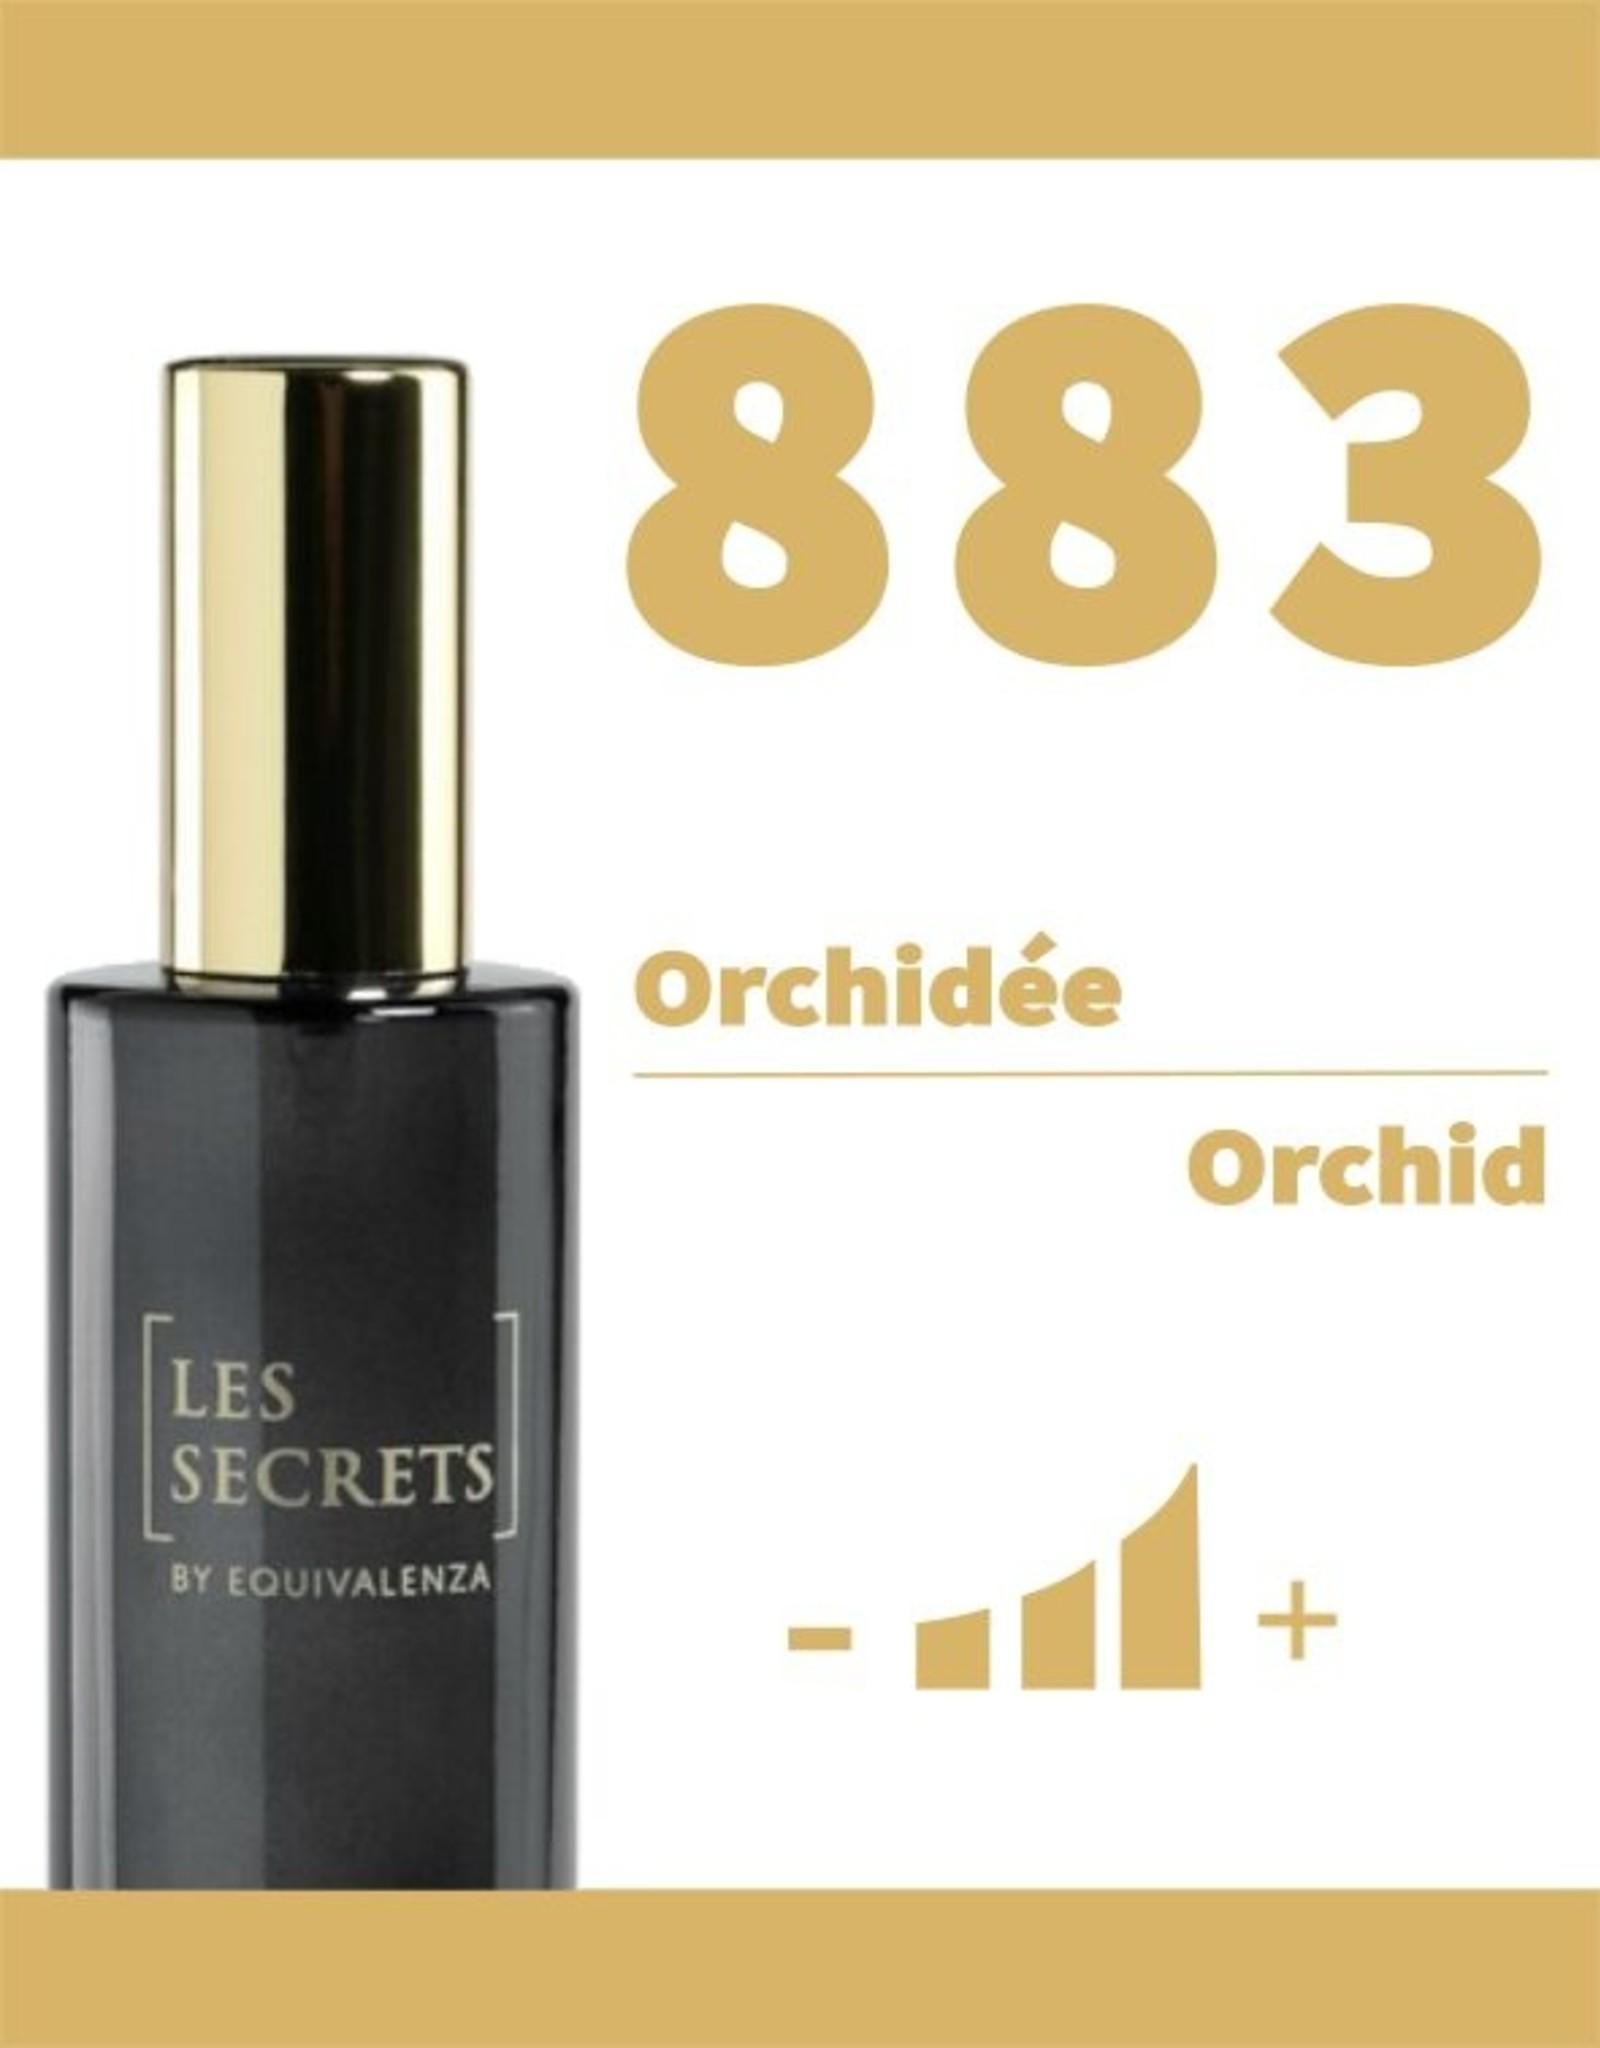 Equivalenza Eau de Parfum Orchid